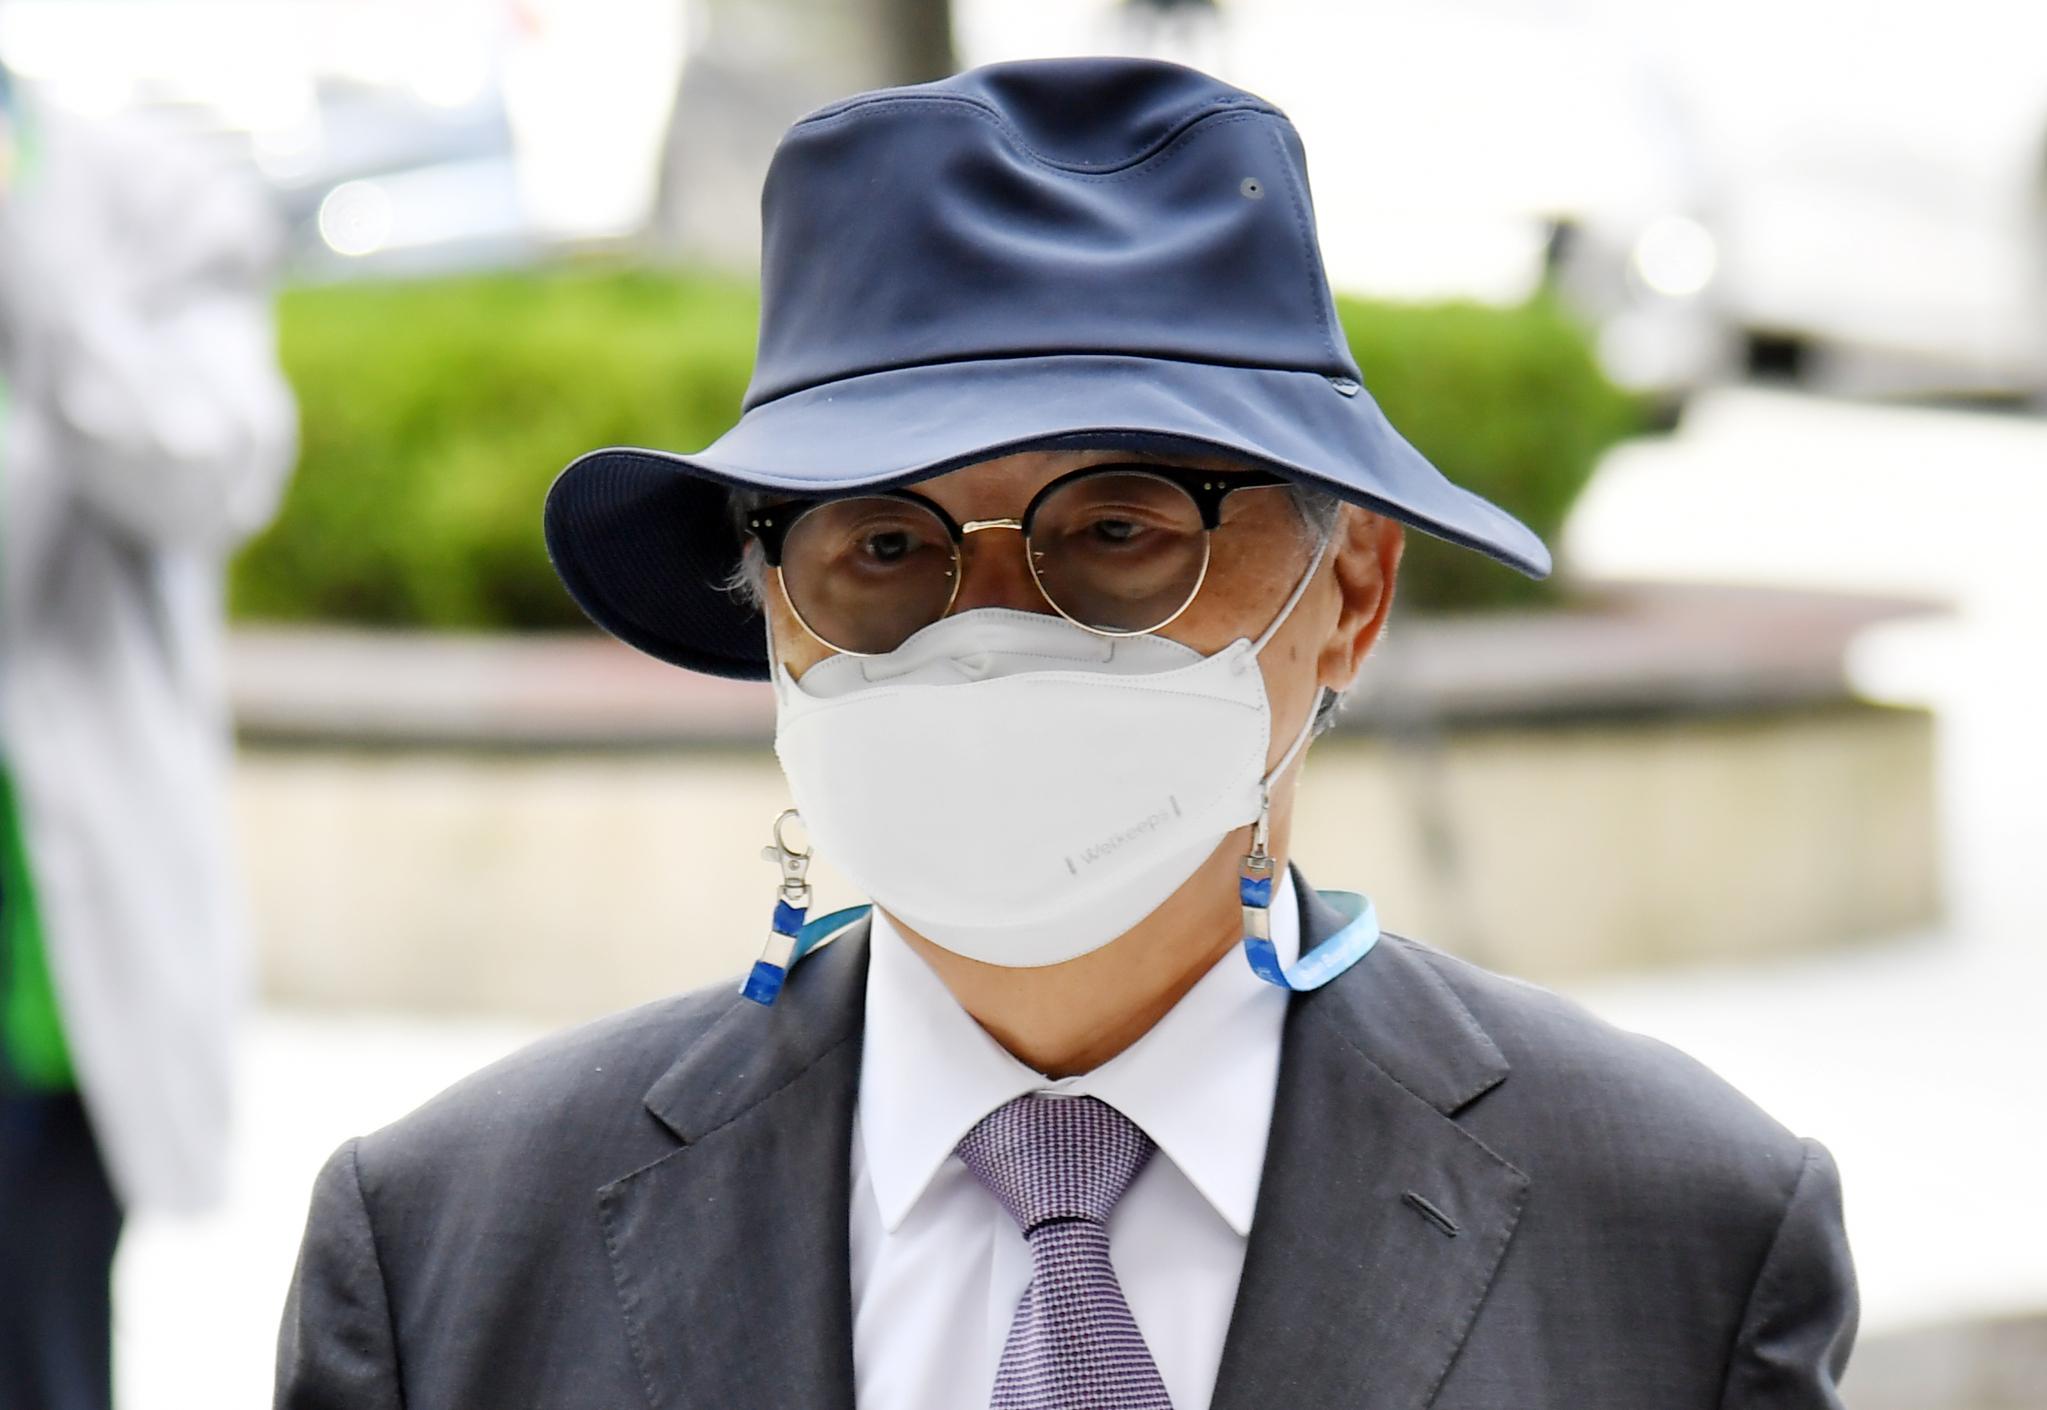 직원 강제추행 등의 혐의로 기소된 오거돈 전 부산시장이 21일 오전 2차 결심공판에 출석하기 위해 부산 연제구 부산지법에서 법정으로 향하고 있다. 중앙포토